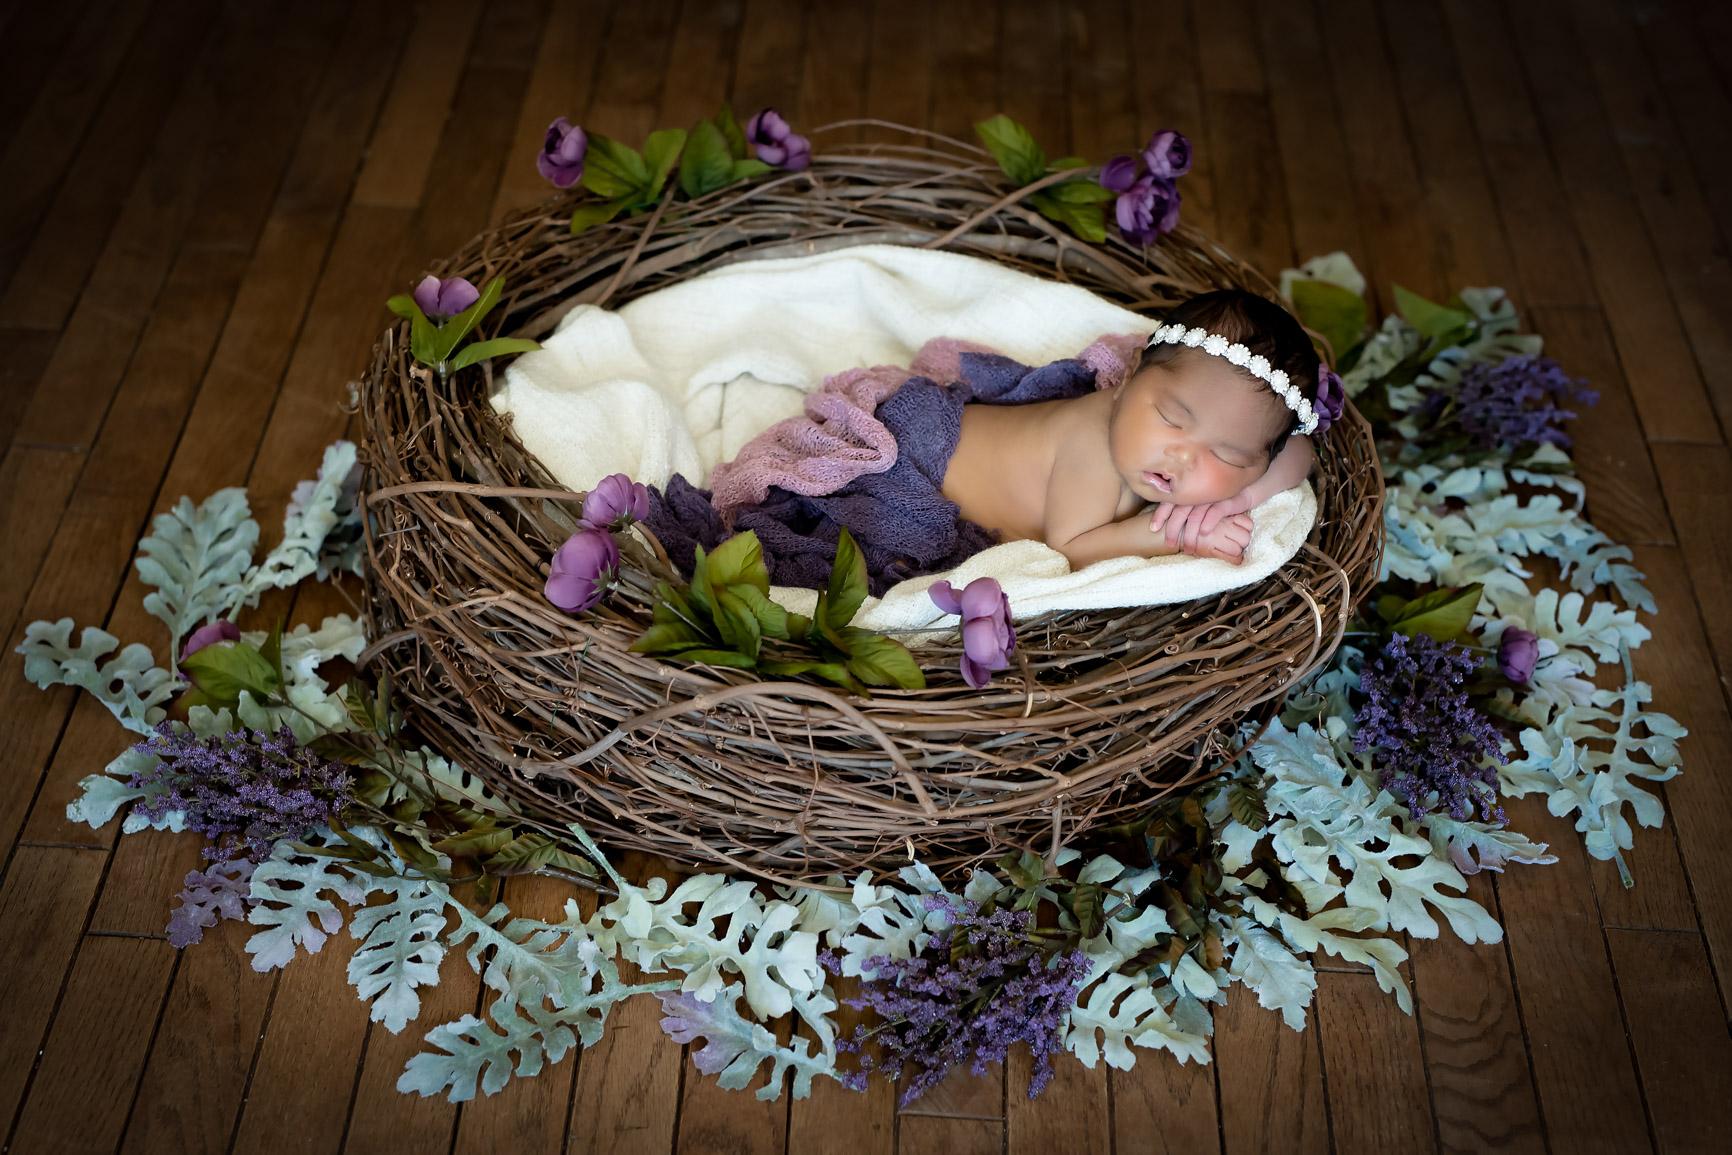 Baby MiaDSC_7387-Edit-Edit.jpg